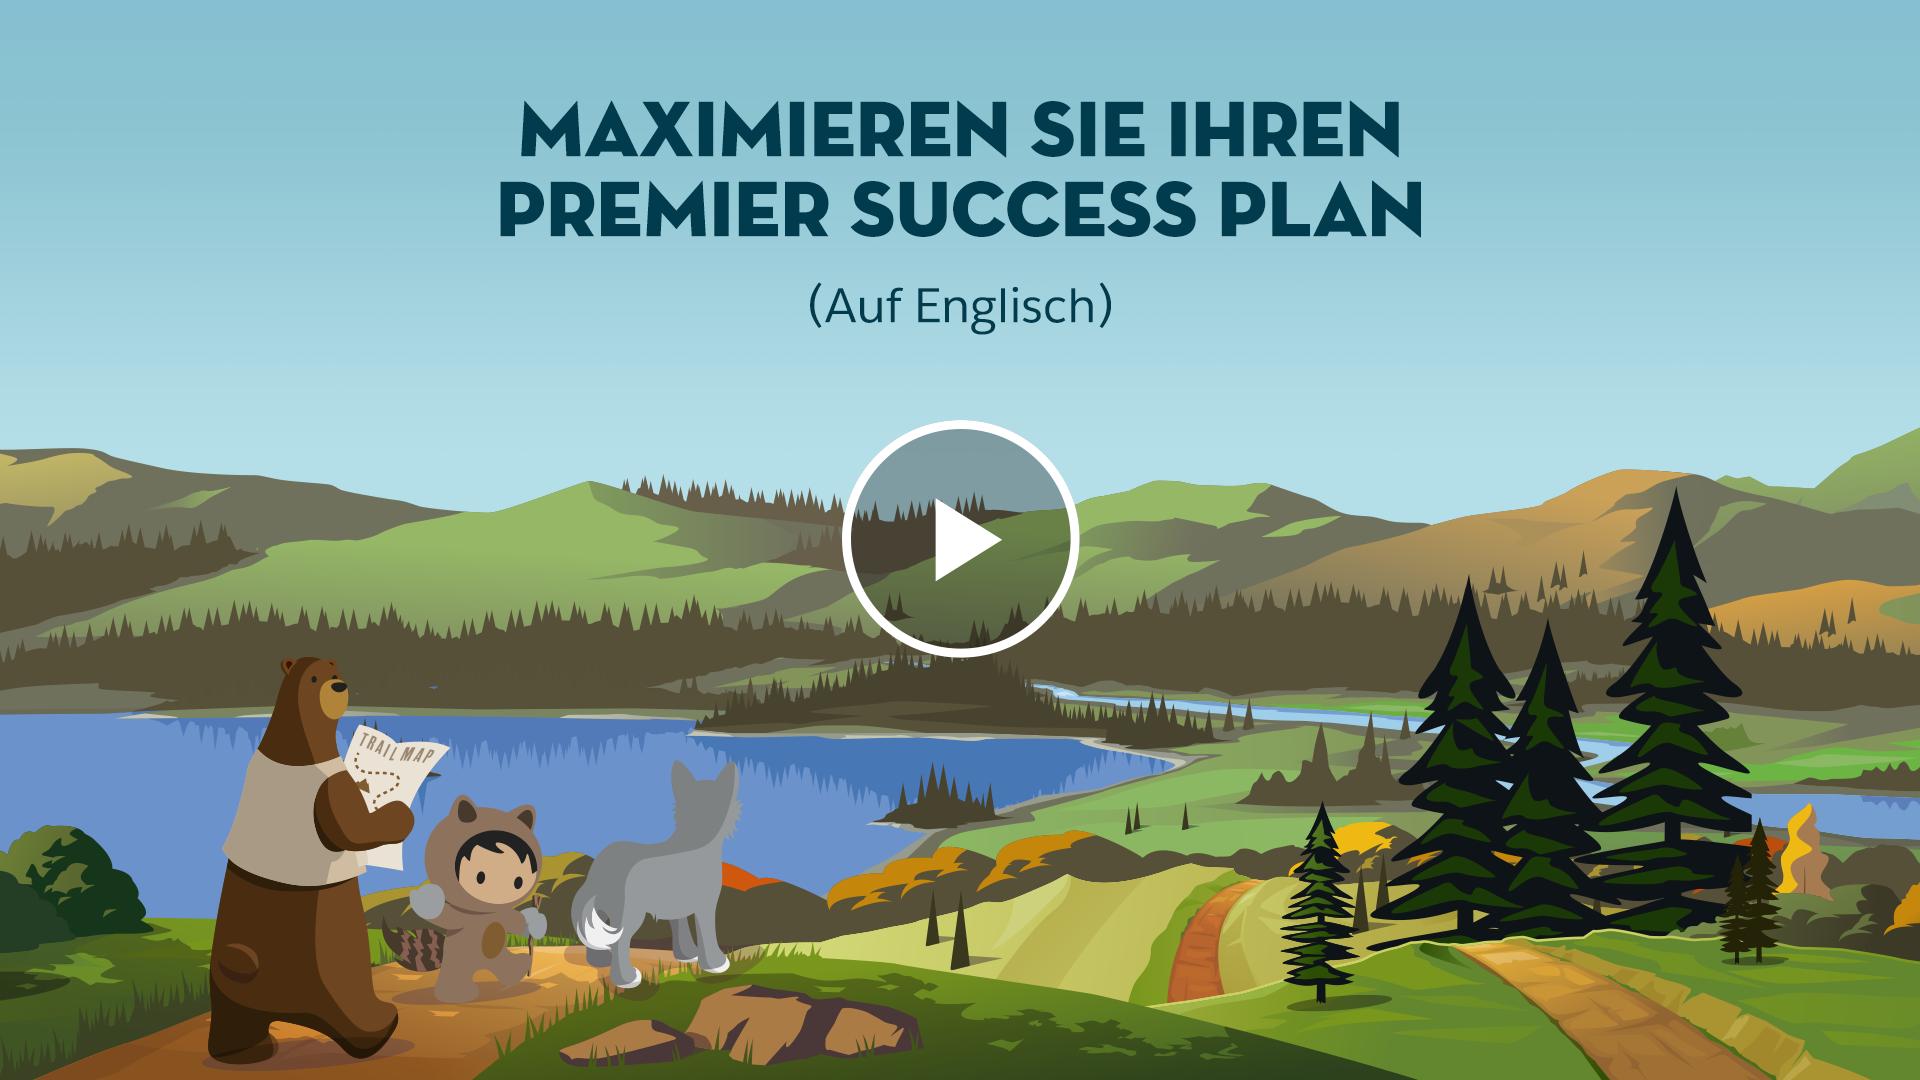 Maximieren Sie Ihren Premier Success Plan (Auf Englisch)